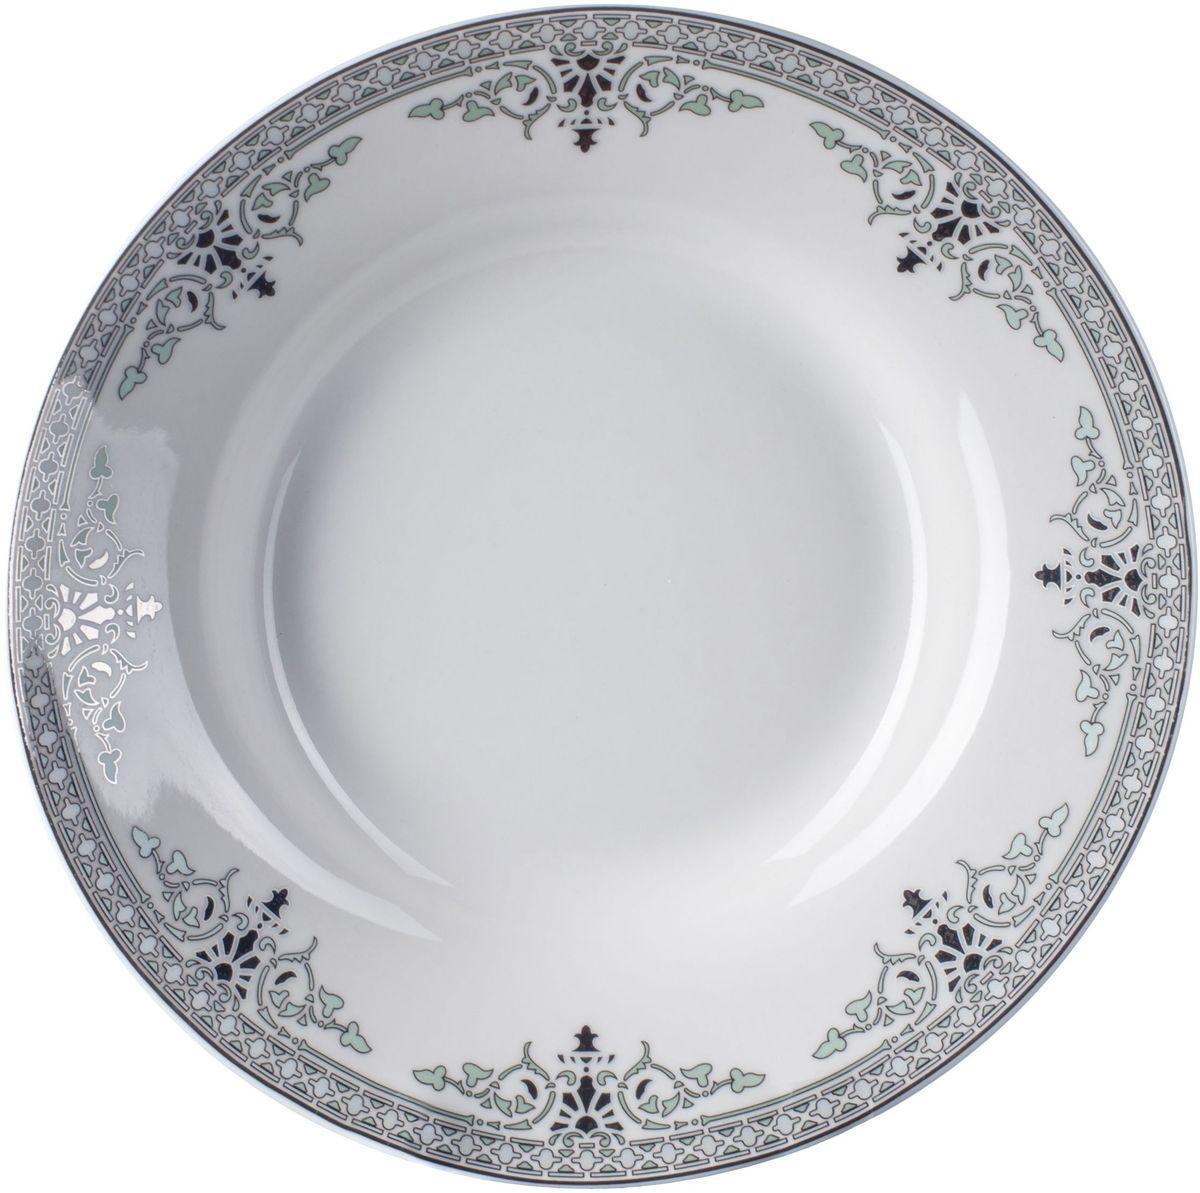 Тарелка суповая Elff Decor Вирджиния, диаметр 21 см115510Тарелки предназначены для сервировки стола и декора интерьера,идеальна для подачи первого.